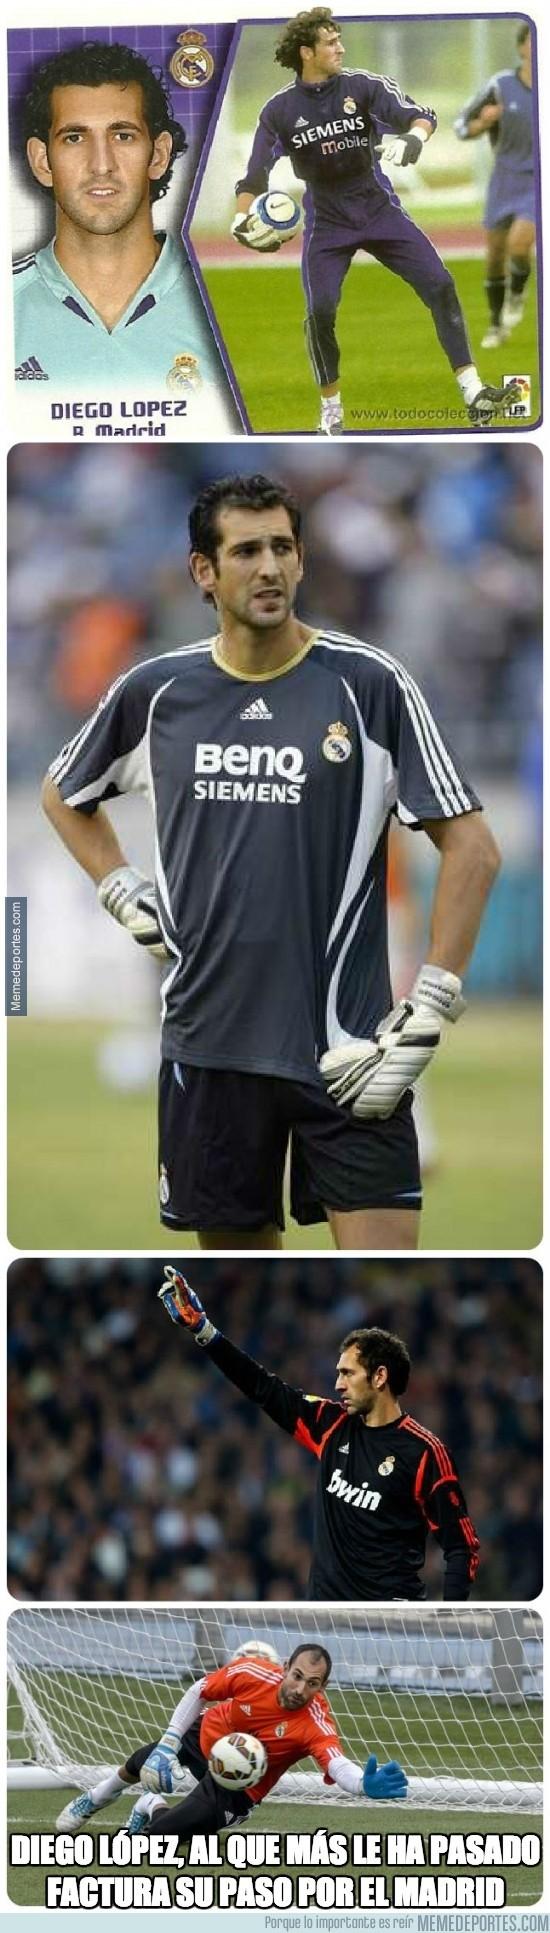 369727 - Diego López en el Madrid ha ganado mucho dinero, pero también perdido mucho pelo